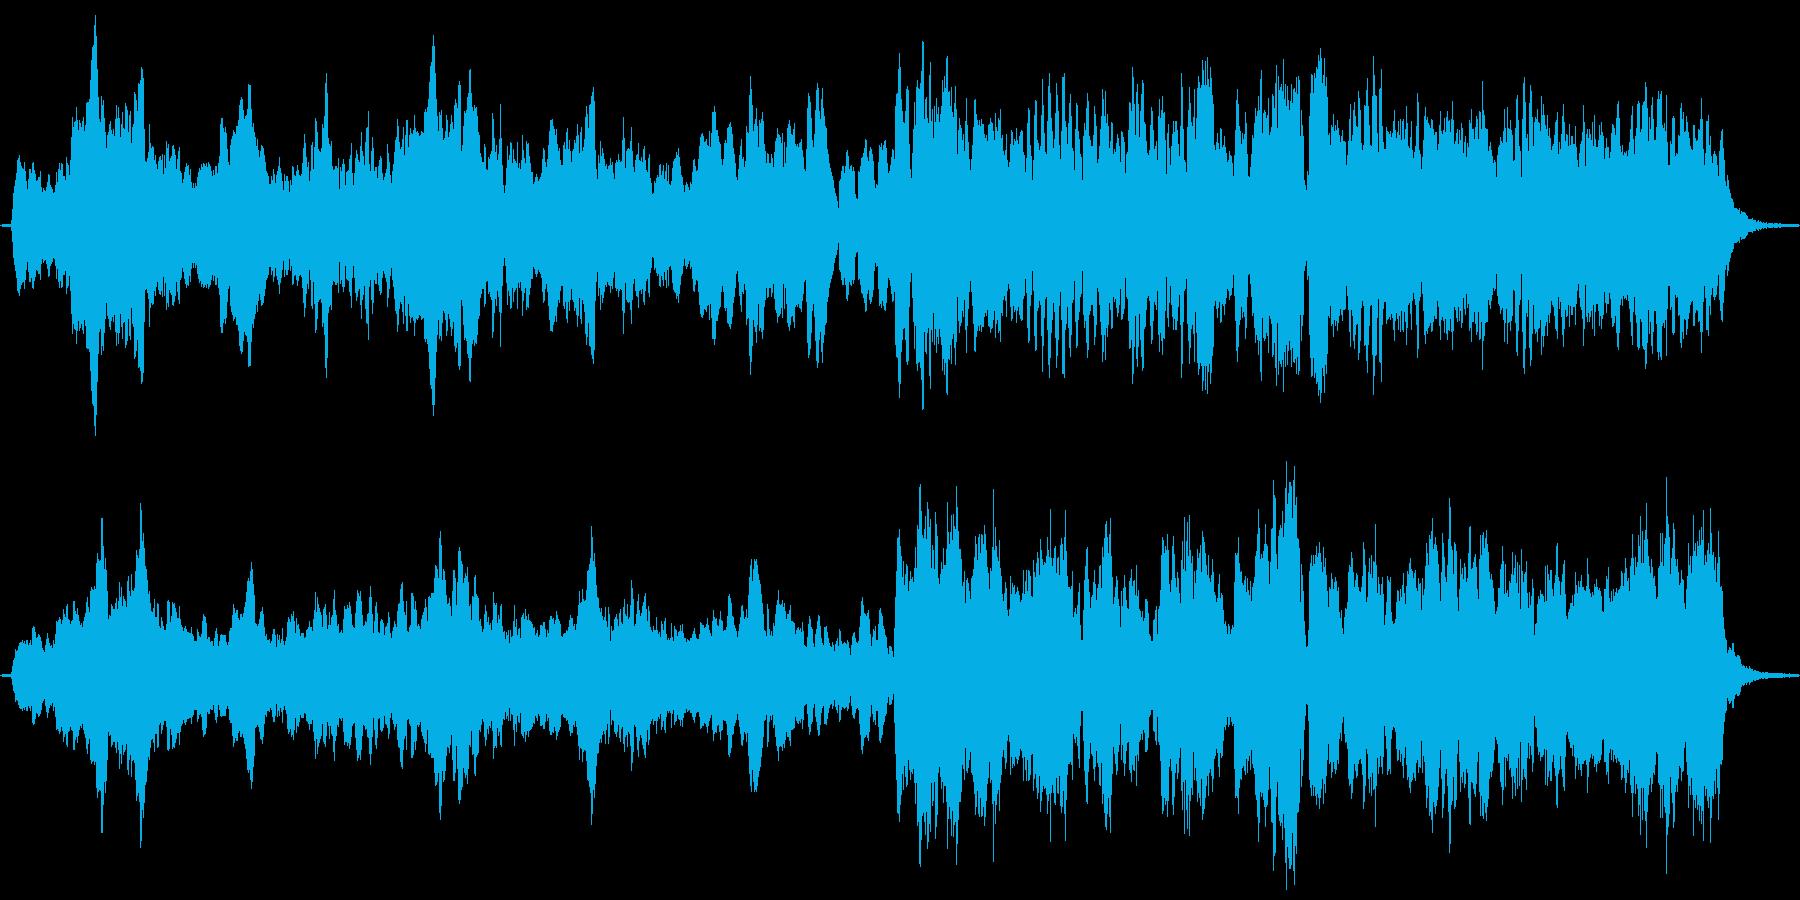 ファンタジーRPGの全滅時の音楽をイメ…の再生済みの波形